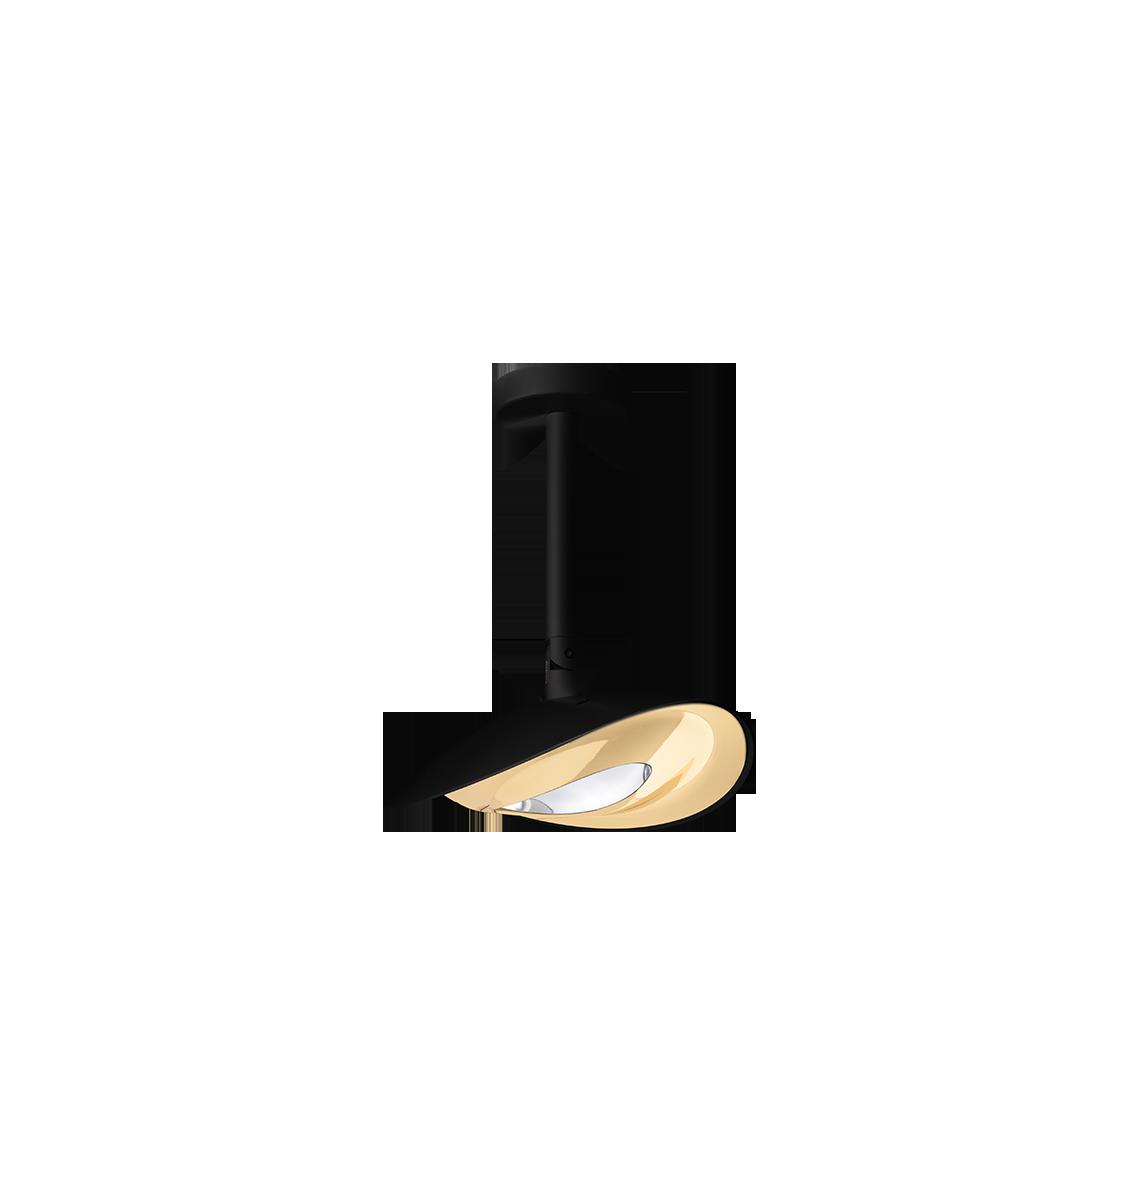 ענק תנור אמבטיה מעוצב | חומקור - יבוא ושיווק מוצרי חימום וקירור MW-26